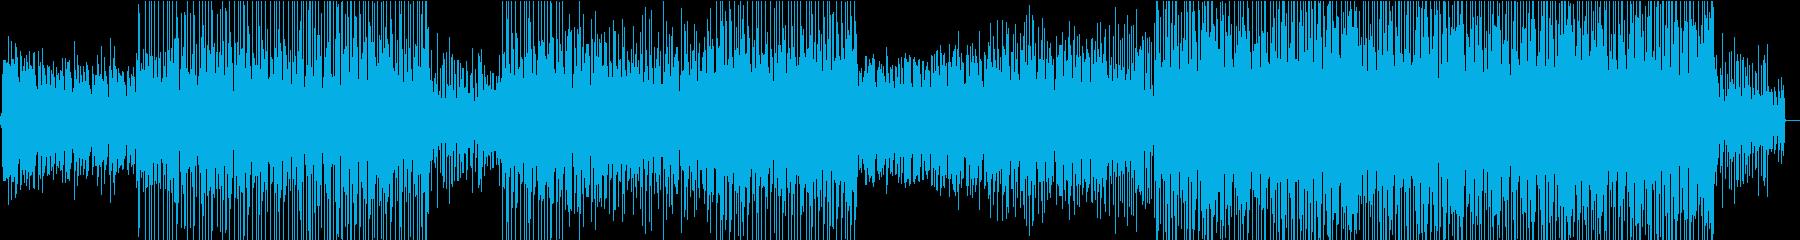 波の音から始まる爽やかなトロピカルハウスの再生済みの波形